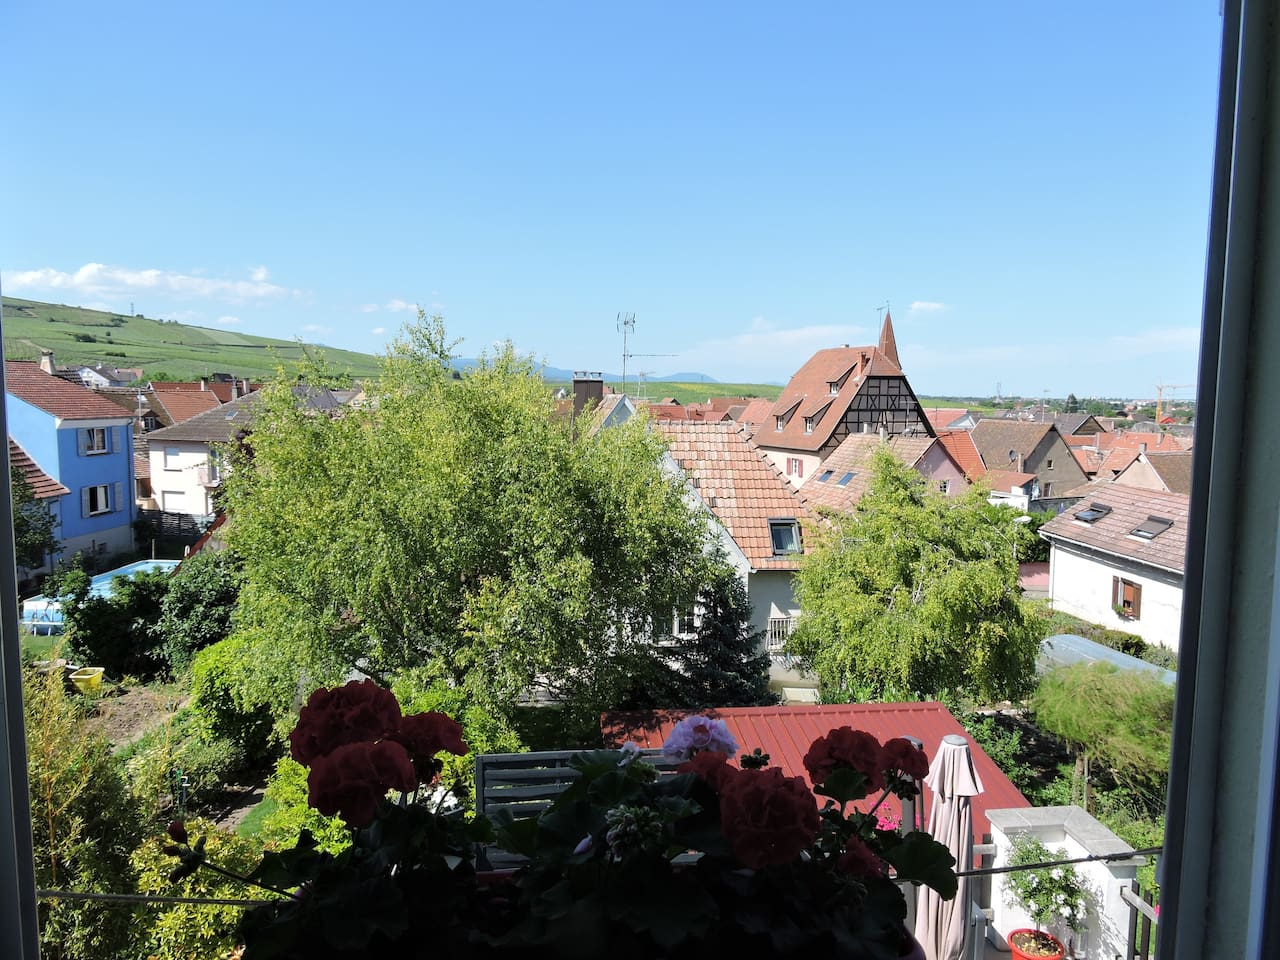 Vue dégagée sur le vignoble et la ville de Colmar. Au loin vous pouvez apercevoir le château du Hokœnigsbourg.